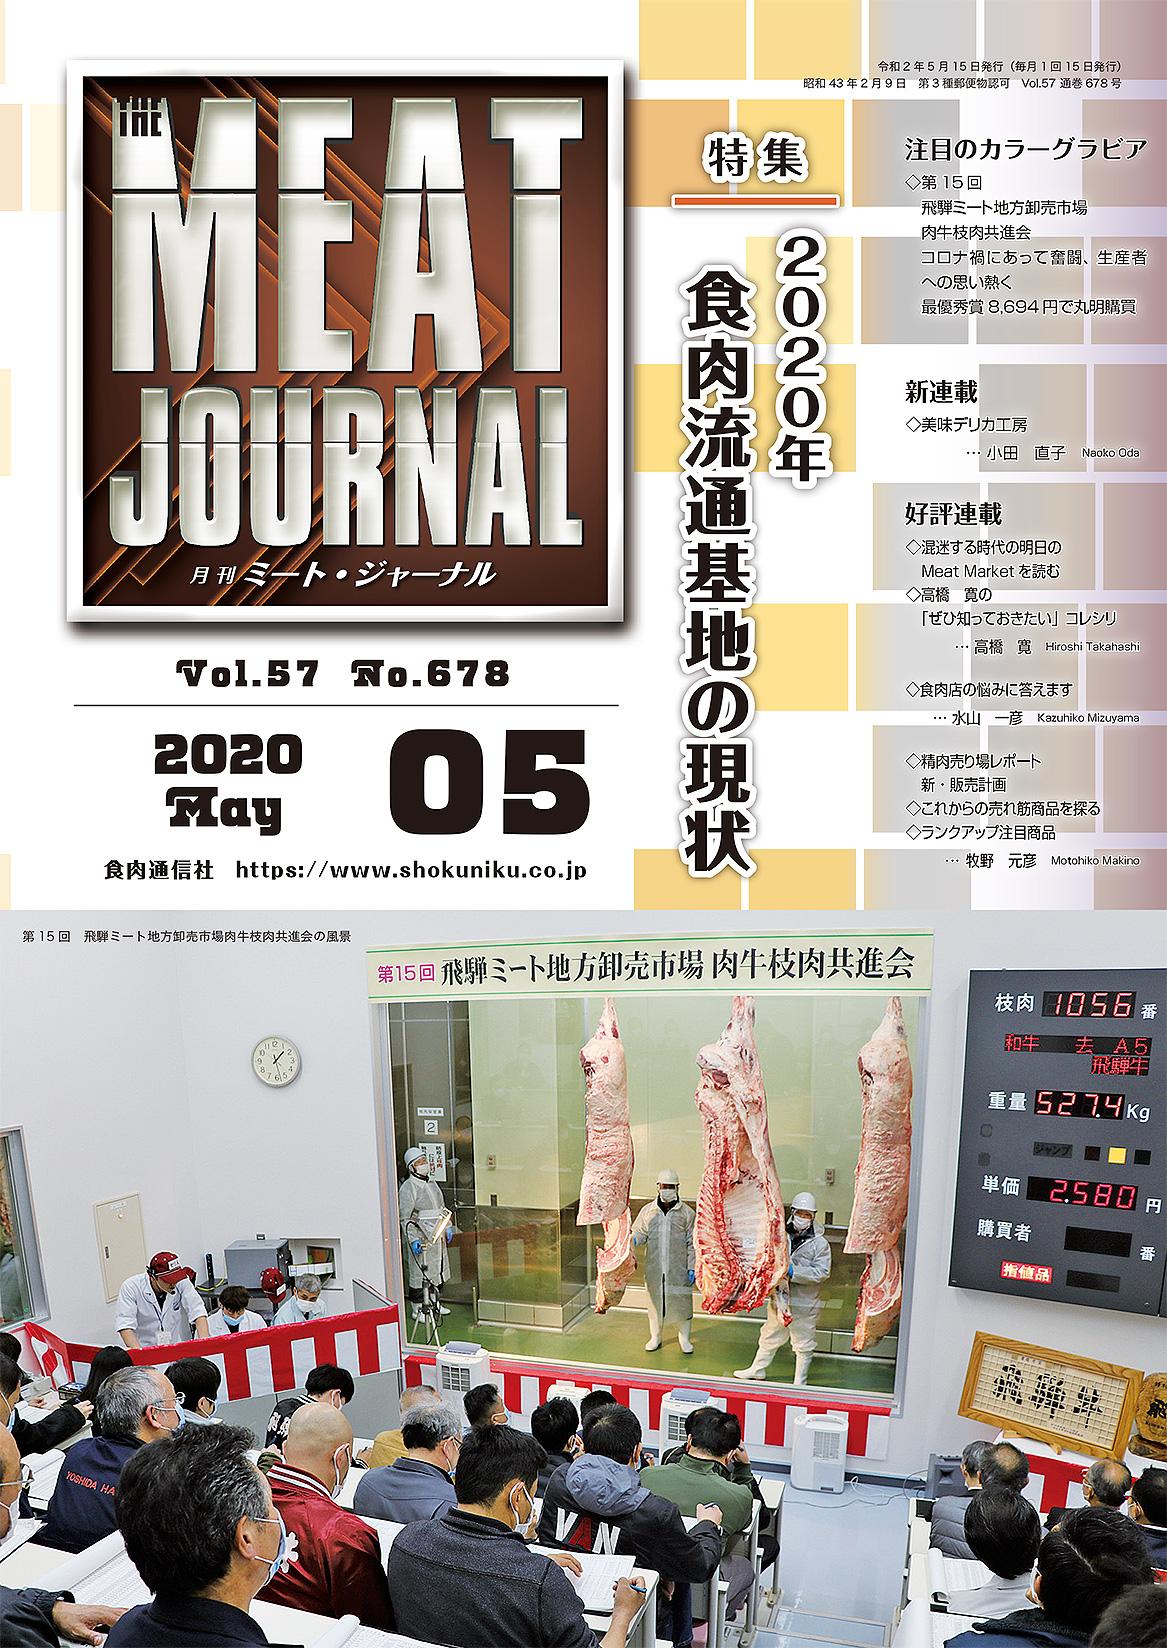 全国27カ所の食肉市場を取材「ミートジャーナル5月号」